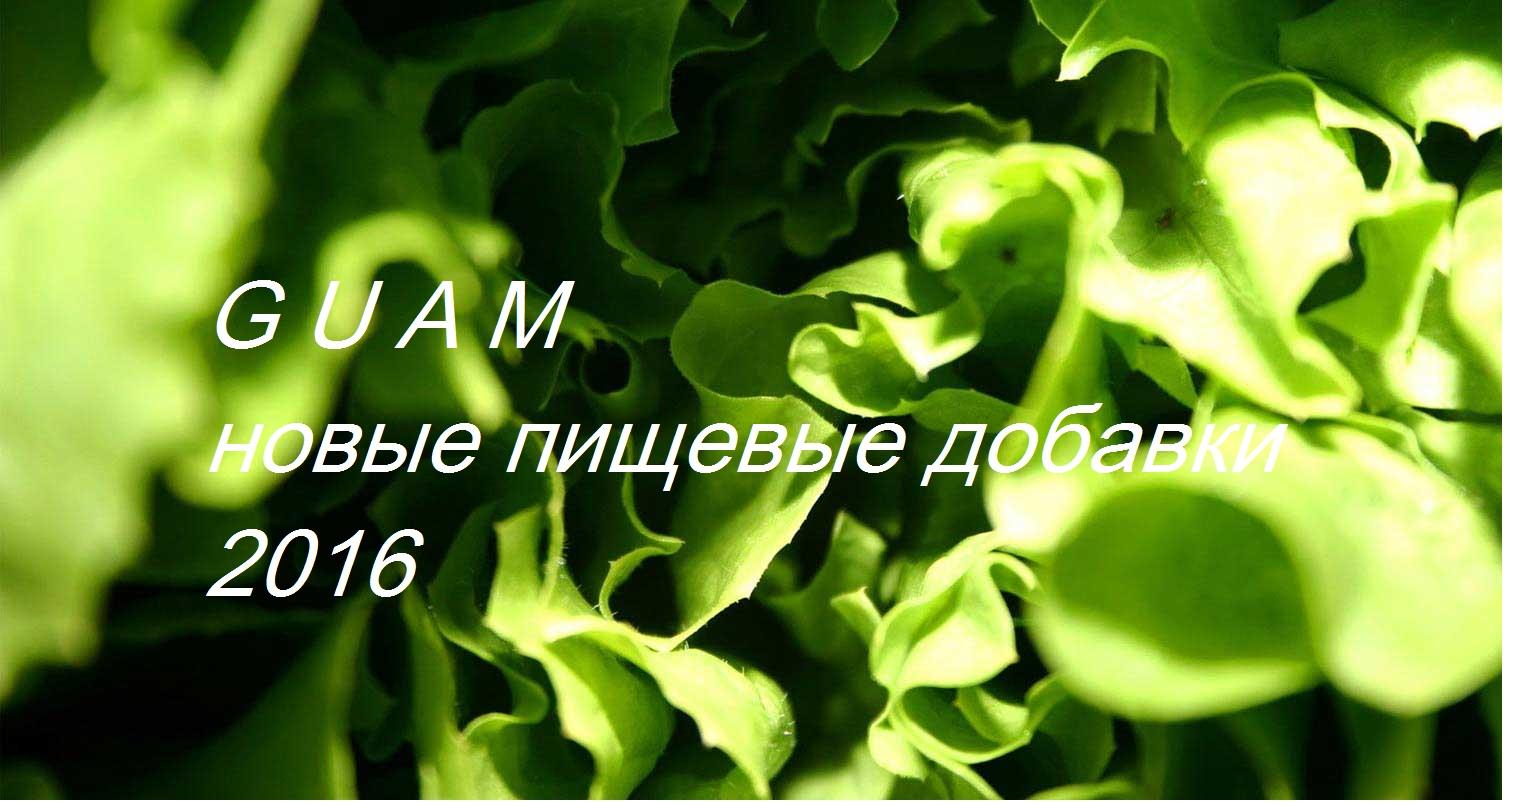 GUAM - новые БАДы